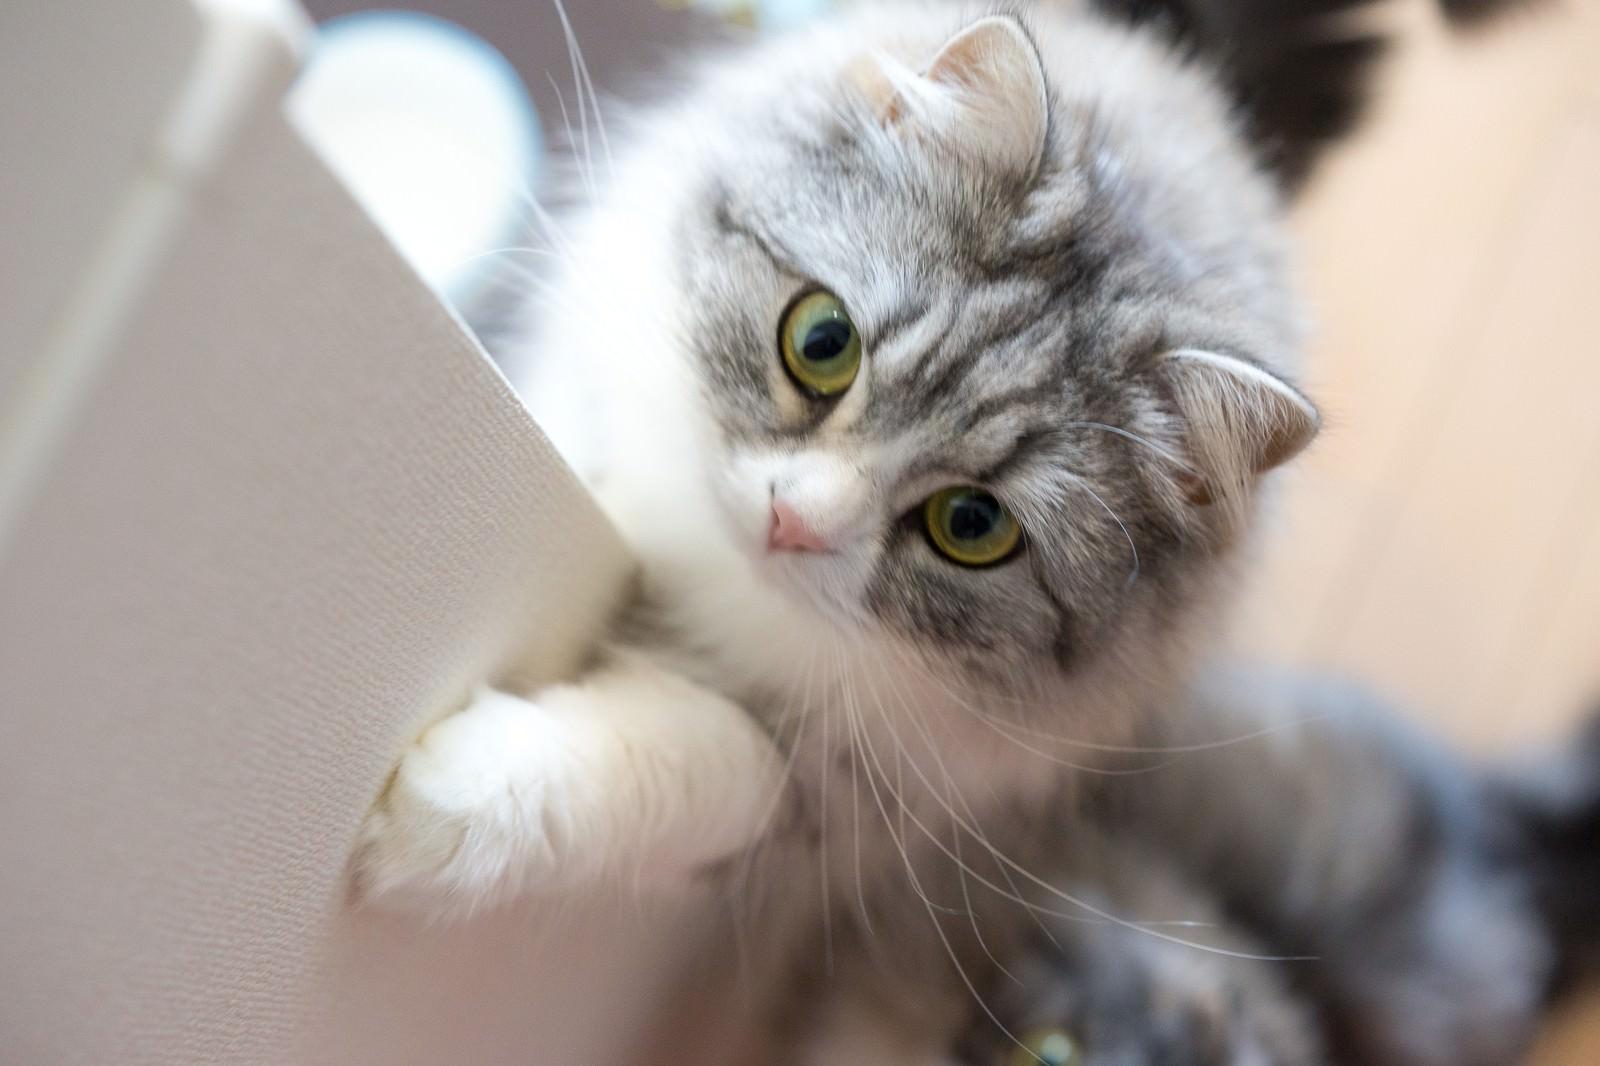 「ご飯をご飯をくださいにゃ!って感じのメス猫(スコティッシュフォールド)ご飯をご飯をくださいにゃ!って感じのメス猫(スコティッシュフォールド)」のフリー写真素材を拡大